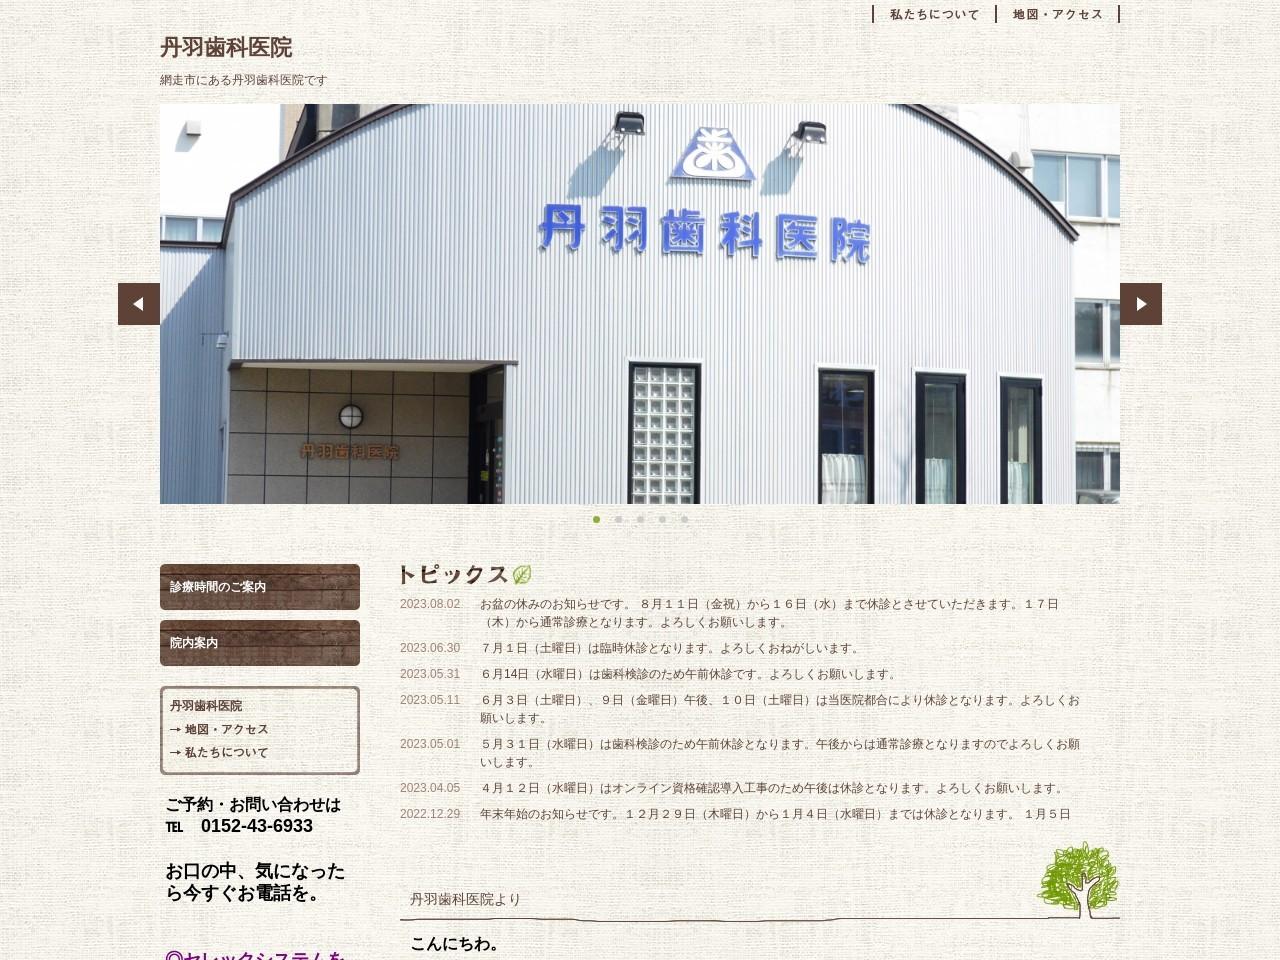 丹羽歯科医院 (北海道網走市)